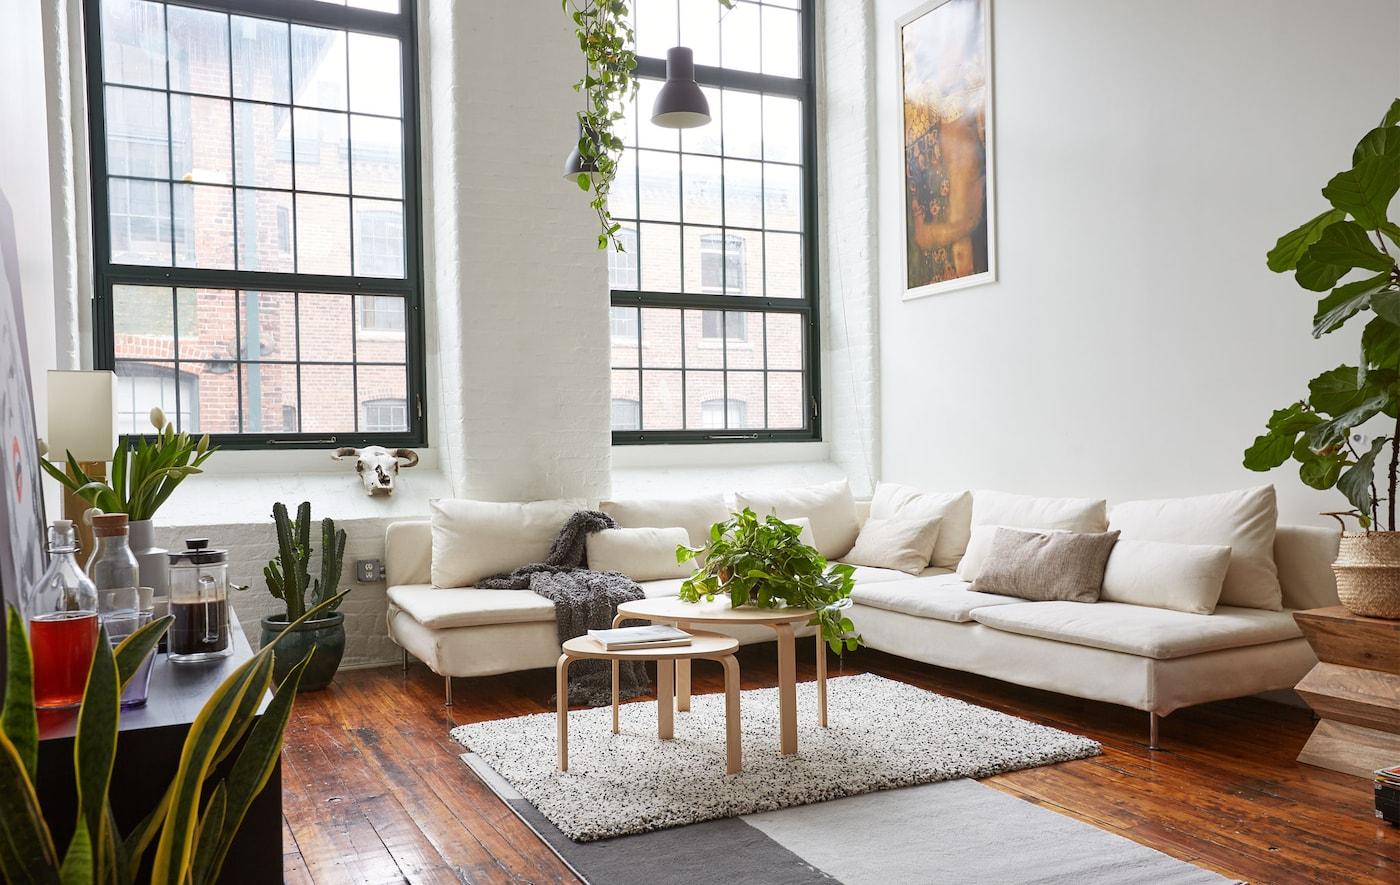 Ein einfarbiges Wohnzimmer mit hoher Decke und großen Fenstern.